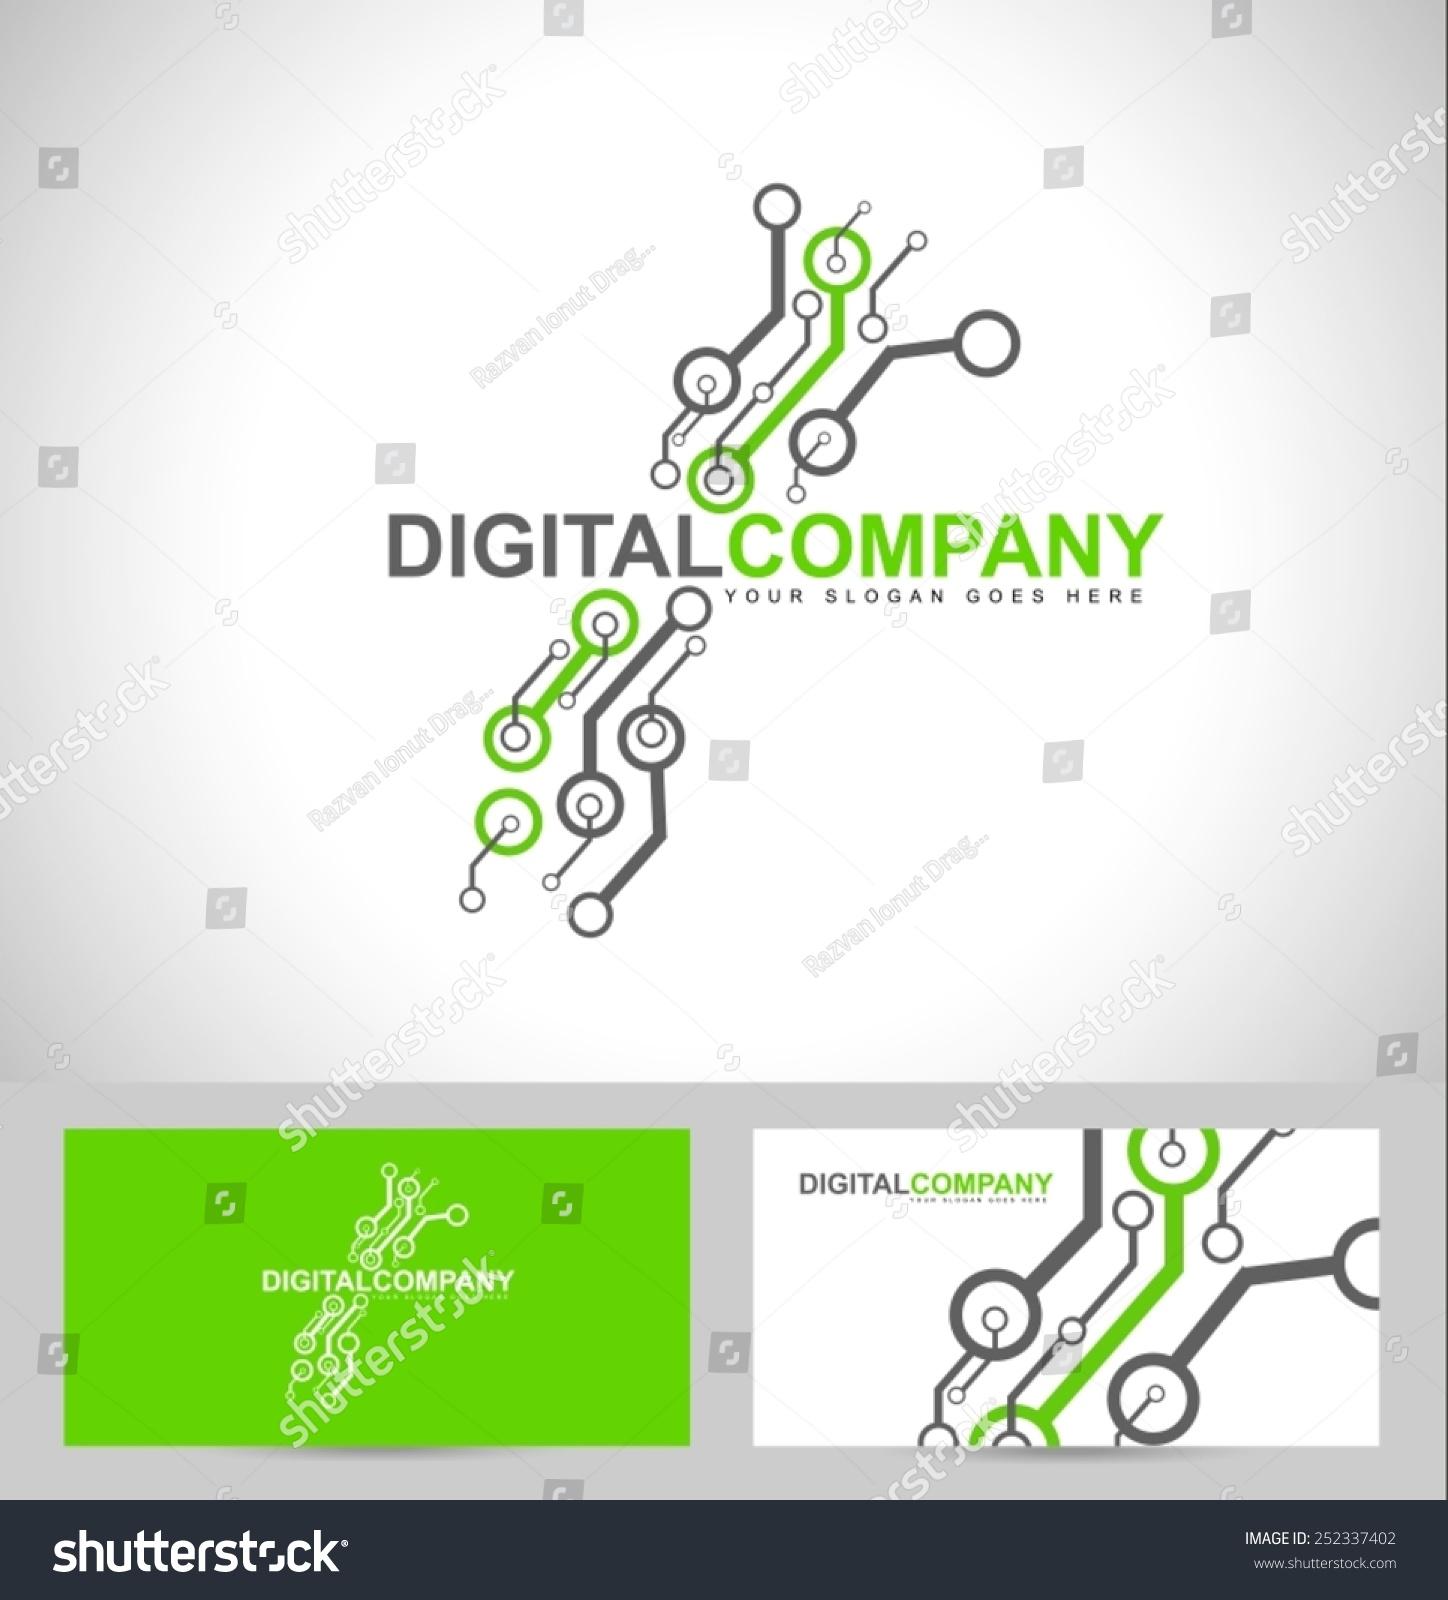 Digital Electronics Logo Design Creative Electronic Stock Vector Circuit Diagram Also Schematic Diagrams On Circuits